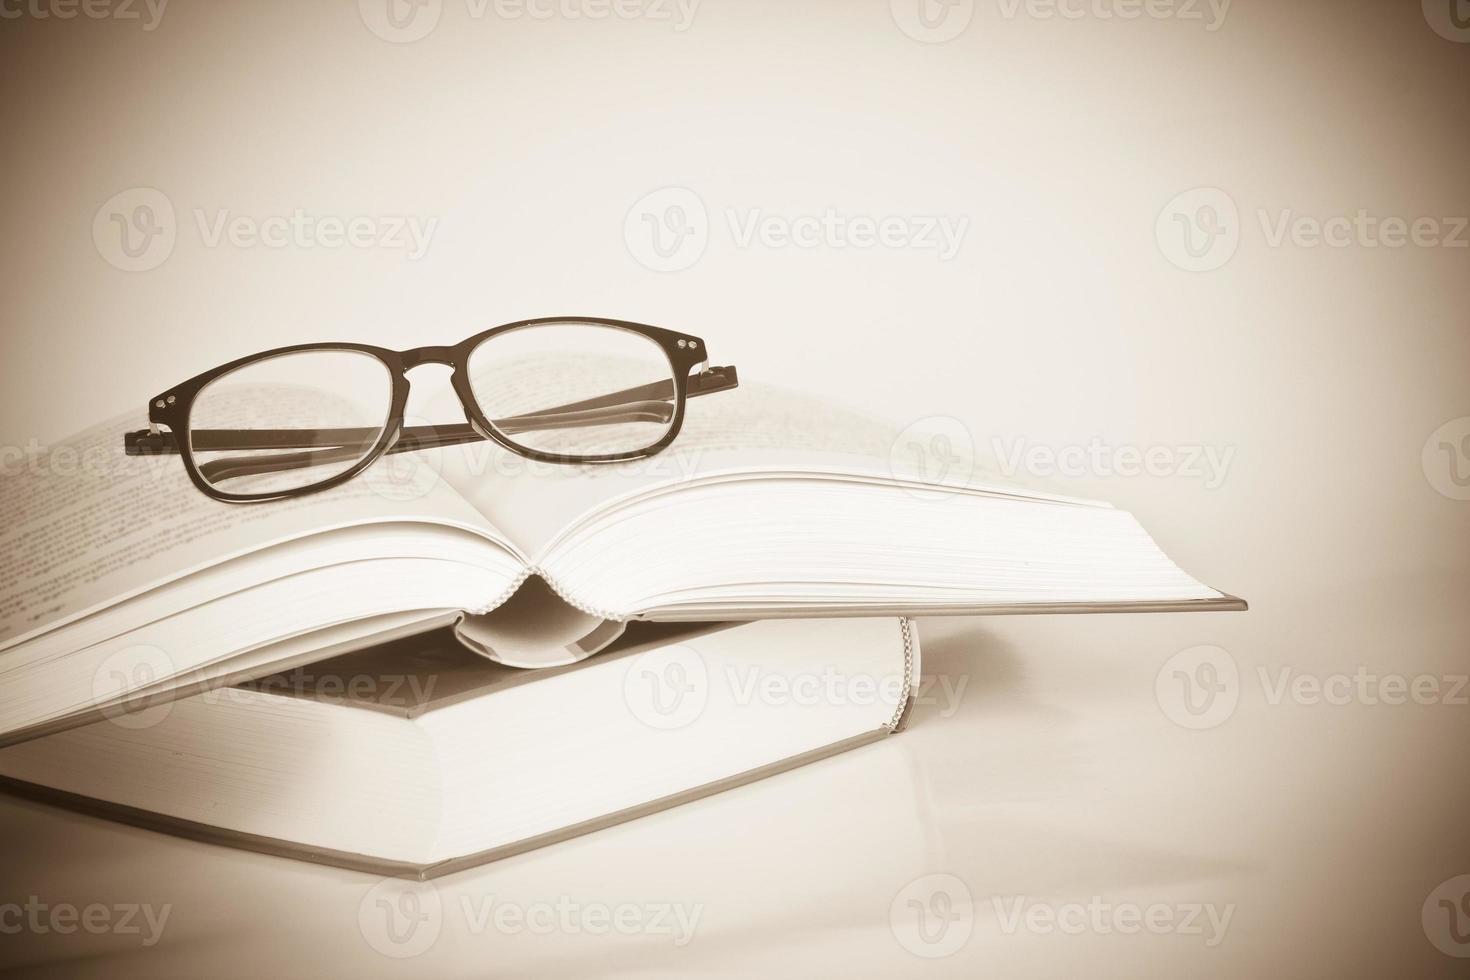 schwarze Brille auf geöffnetem Buch foto